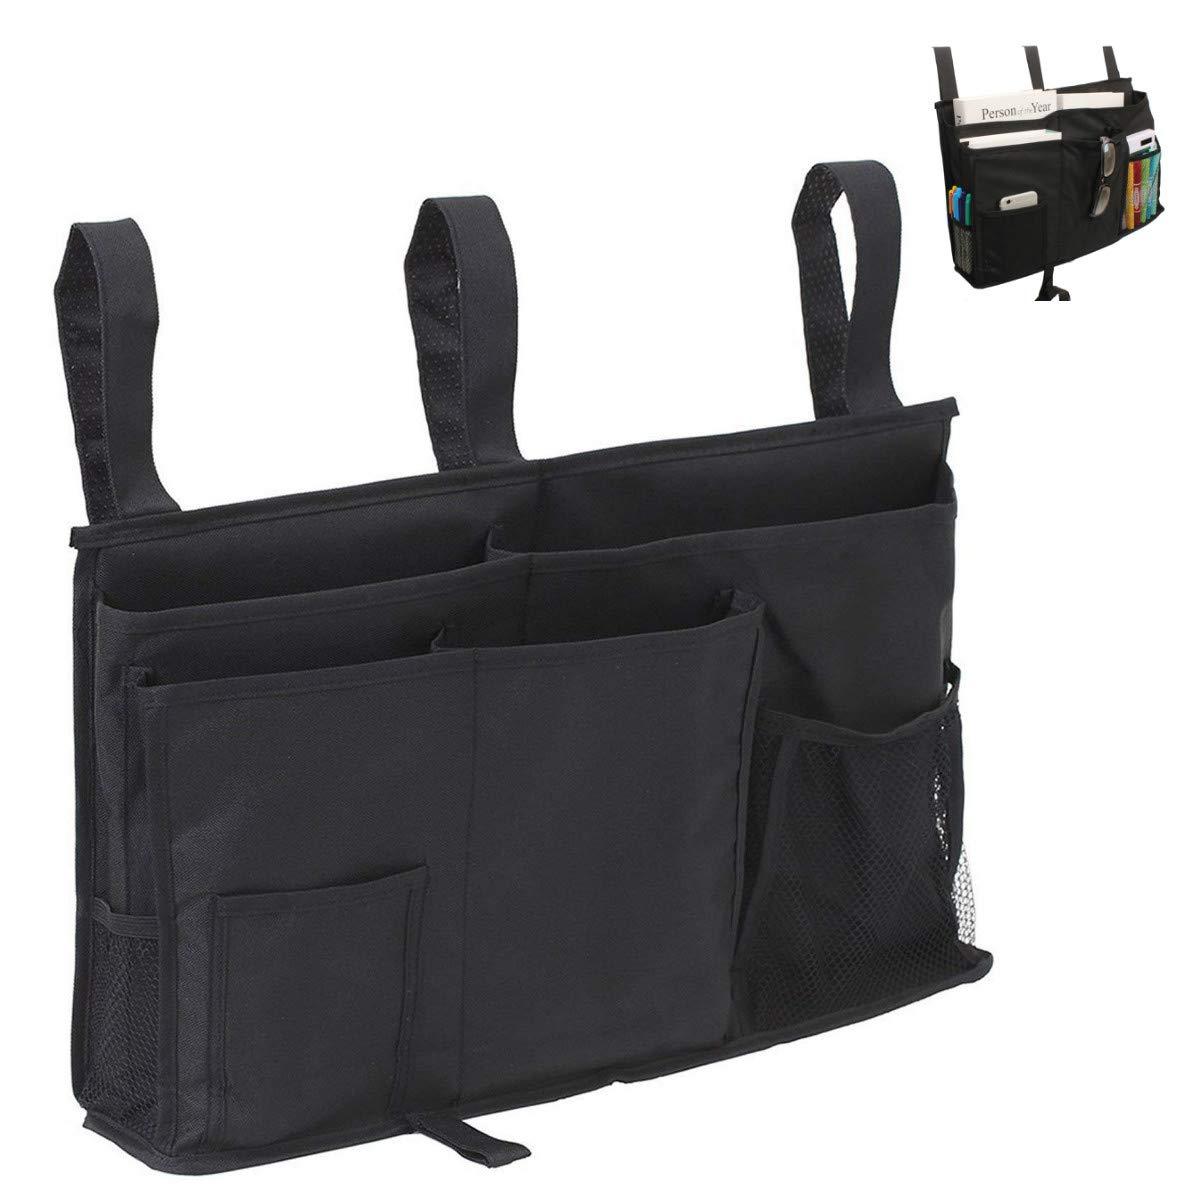 Unitnen Bedside Caddy, 8 Pockets Hanging Organizer Bedside Storage Bag Phone Magazine Holder for Bunk, Hospital Beds, College Dorm Rooms and Bed Rails (Black)